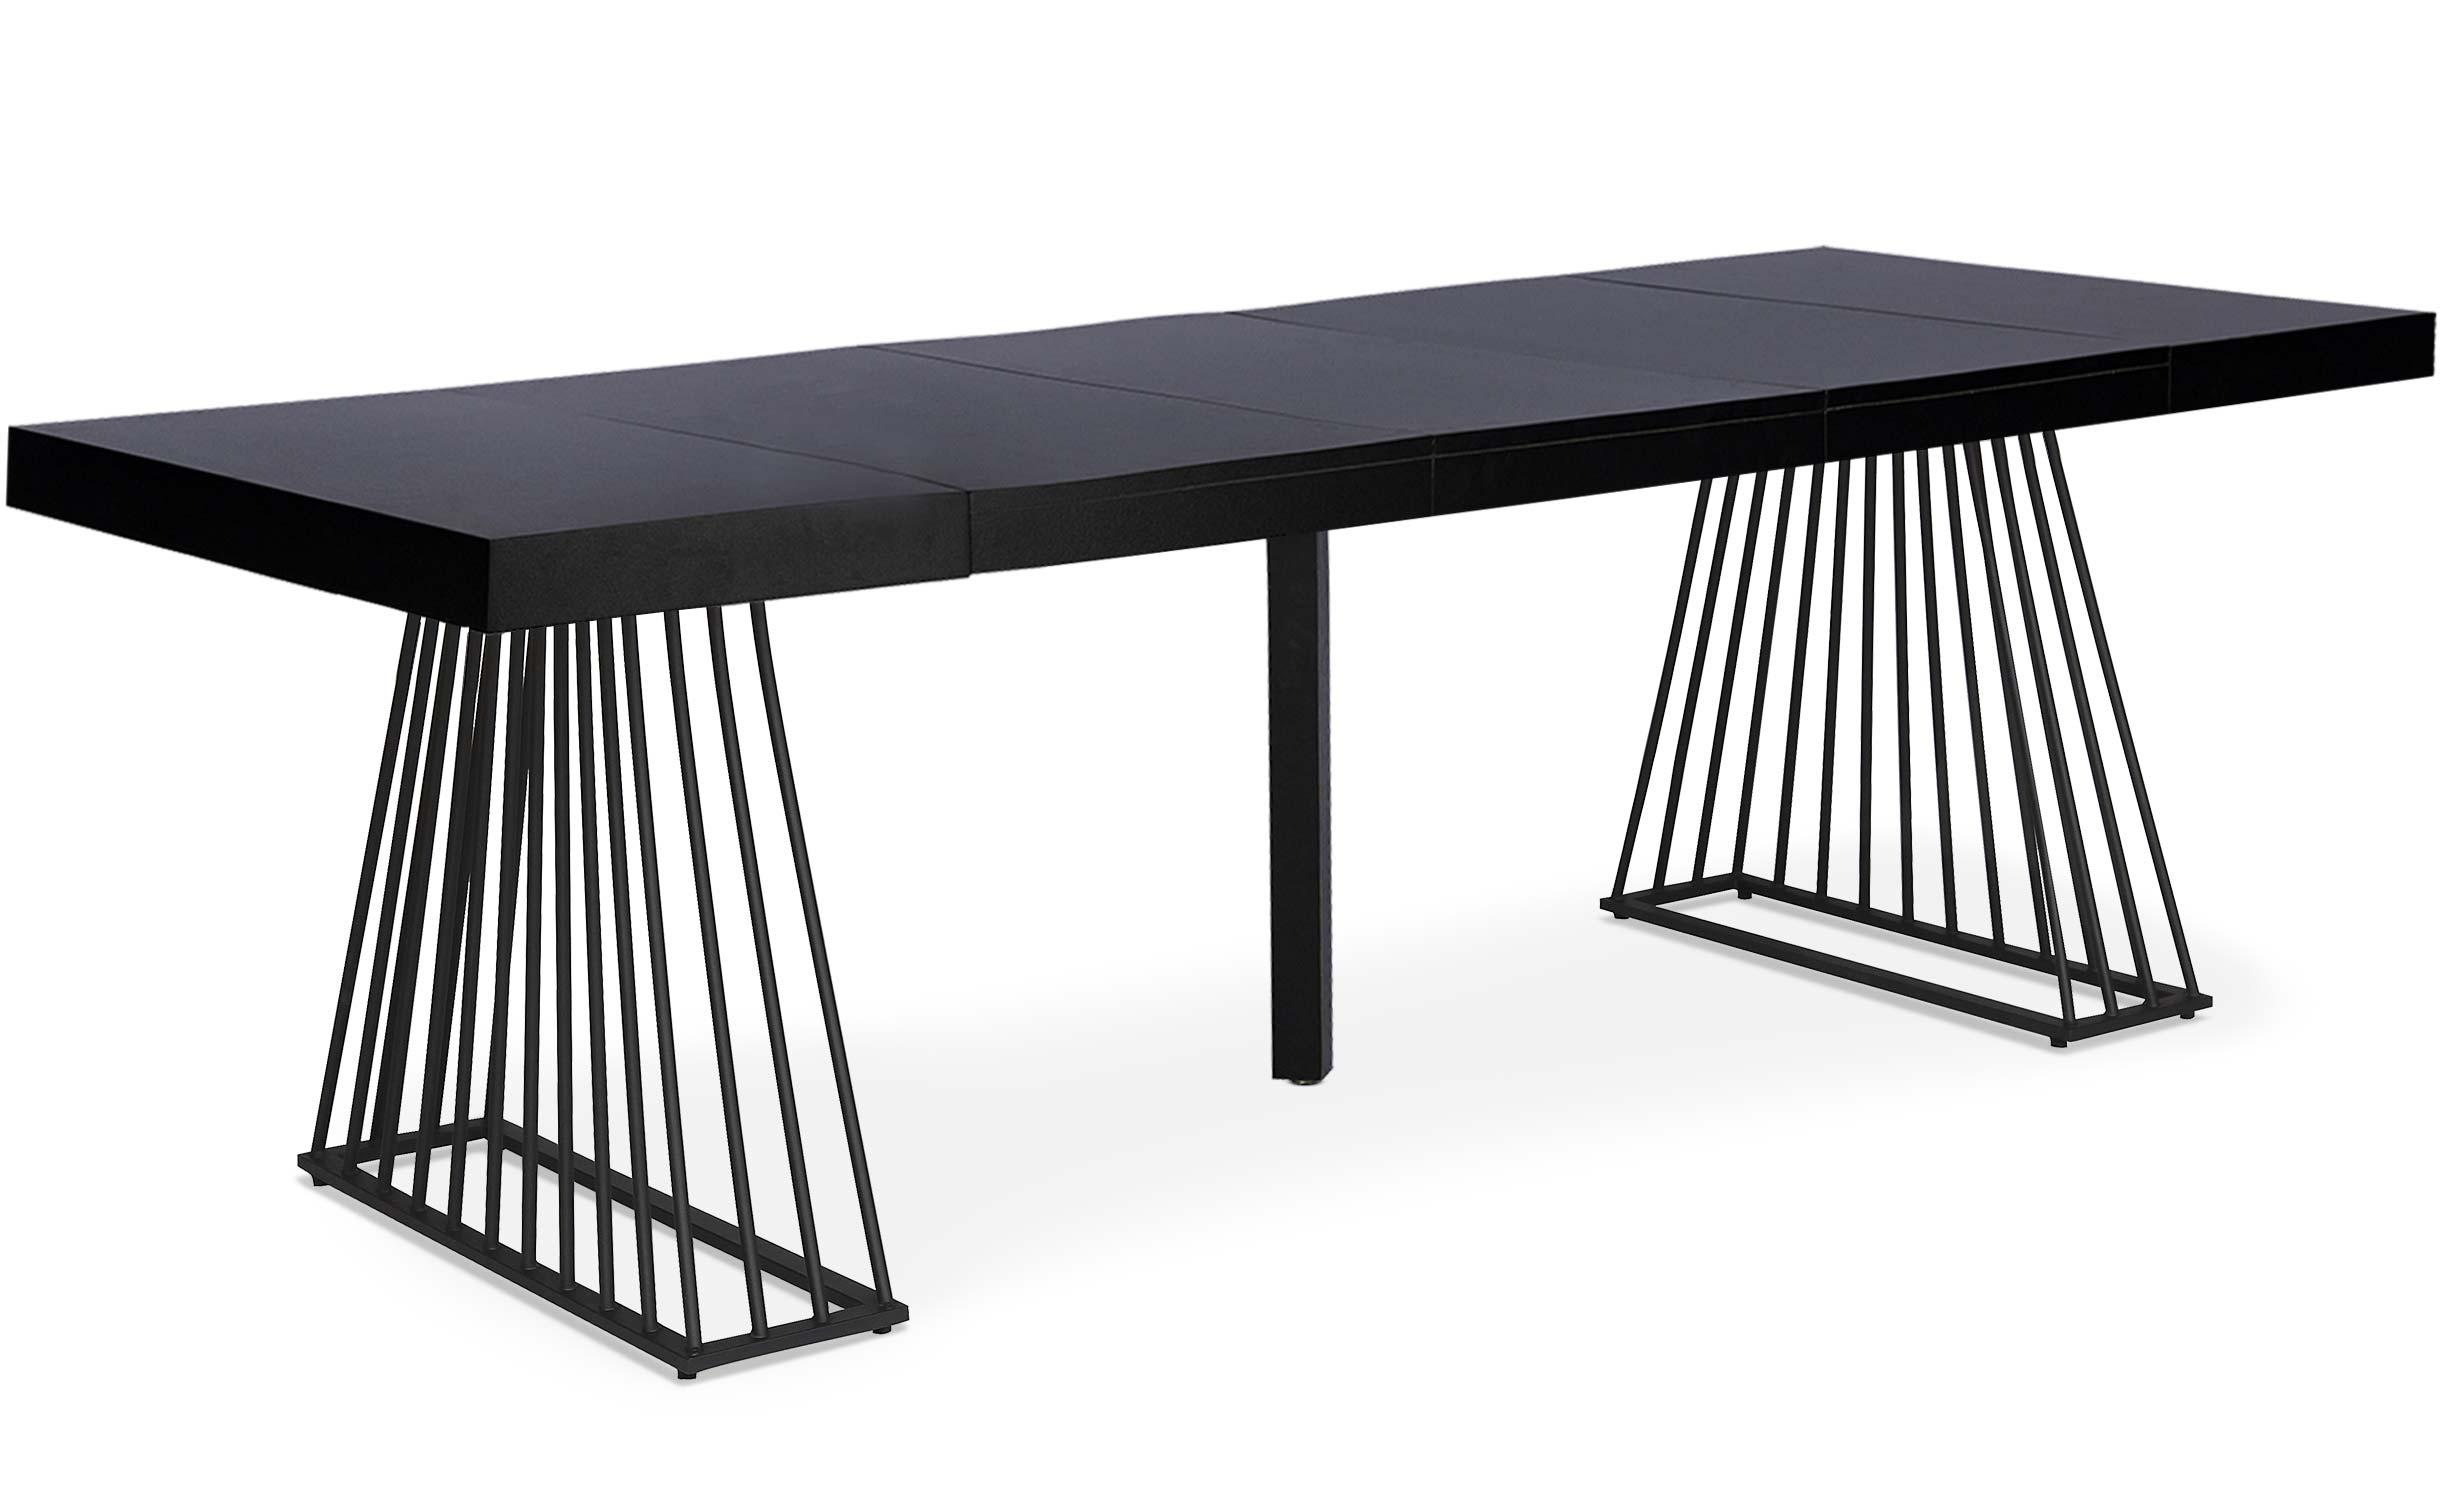 Factory zwarte uitschuifbare tafel met zwarte poten